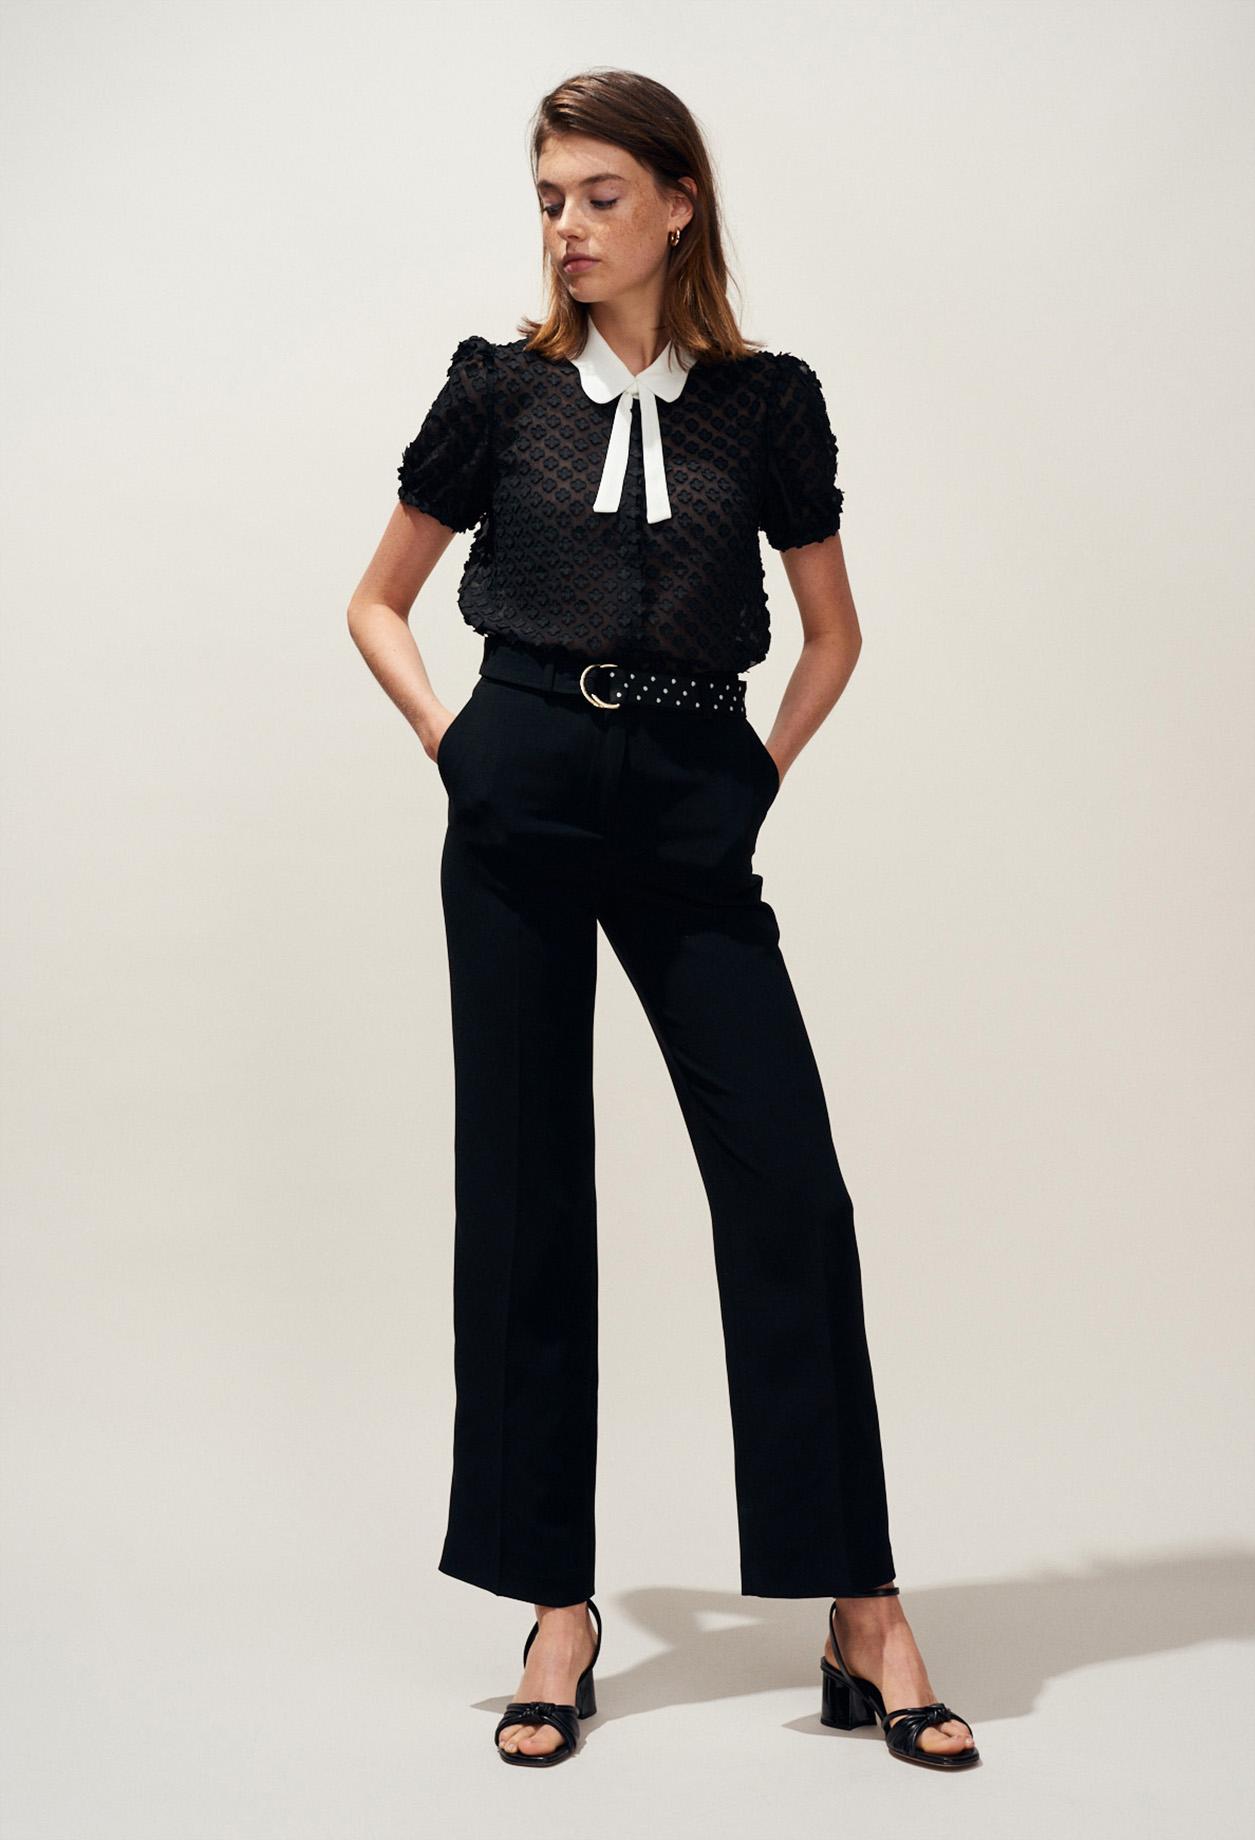 Pierlot Phybie Pantalons Pierlot Et JeansClaudie JeansClaudie Pantalons Phybie Et 8nwk0OP